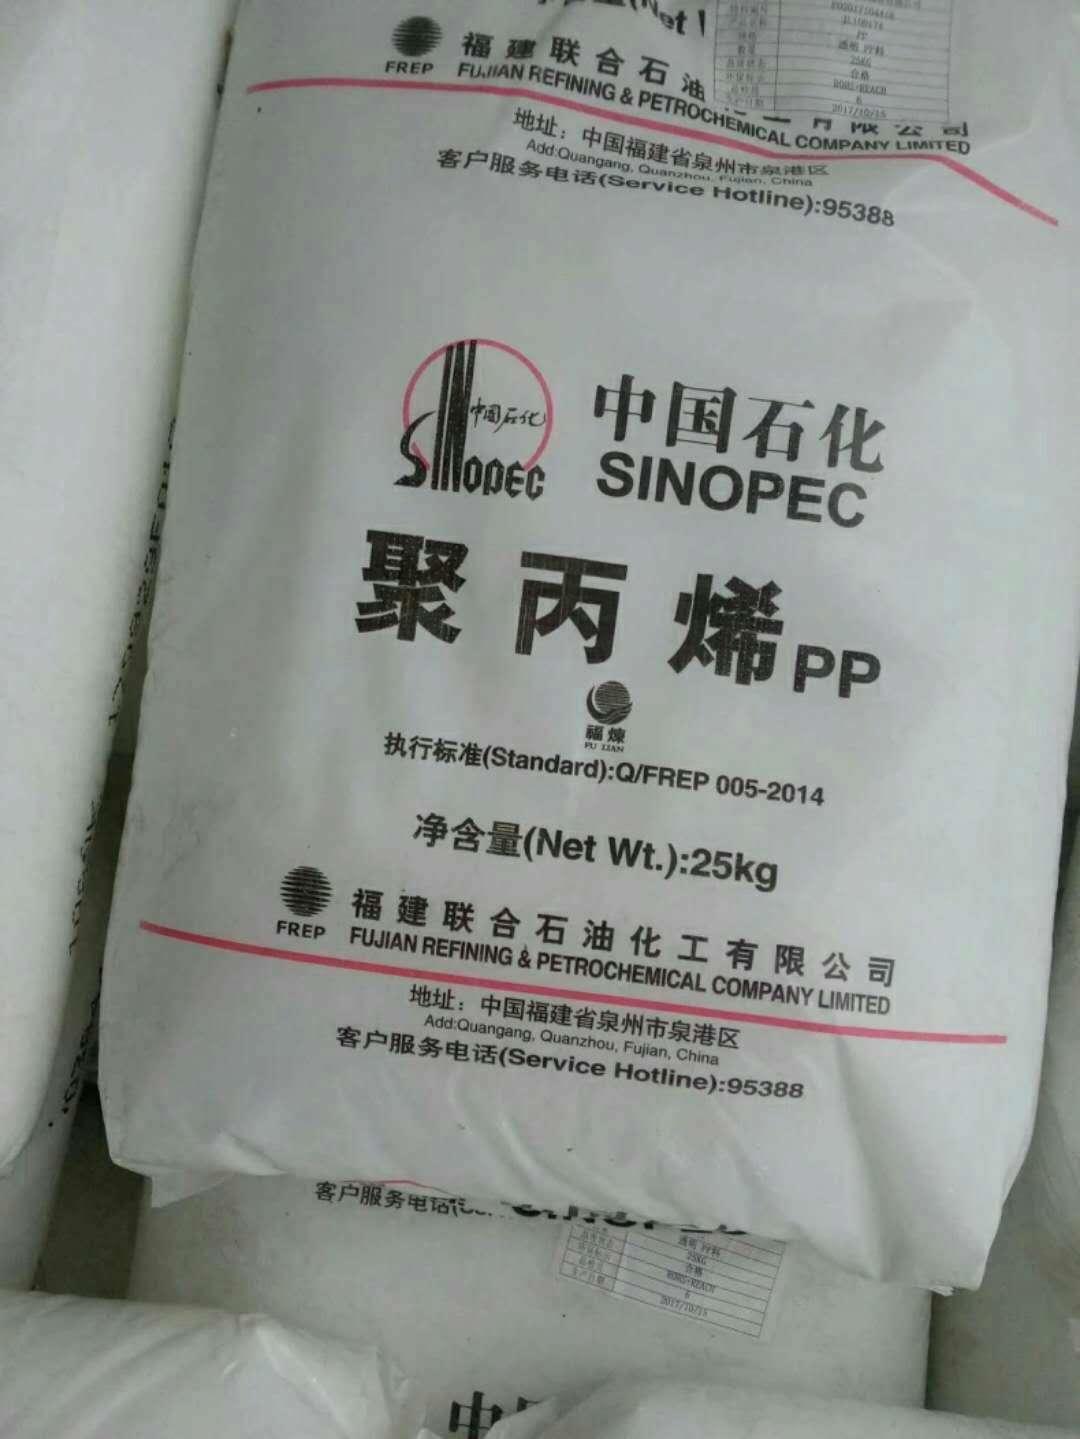 銷售PP韓國曉星J842洗衣機附件大型產品